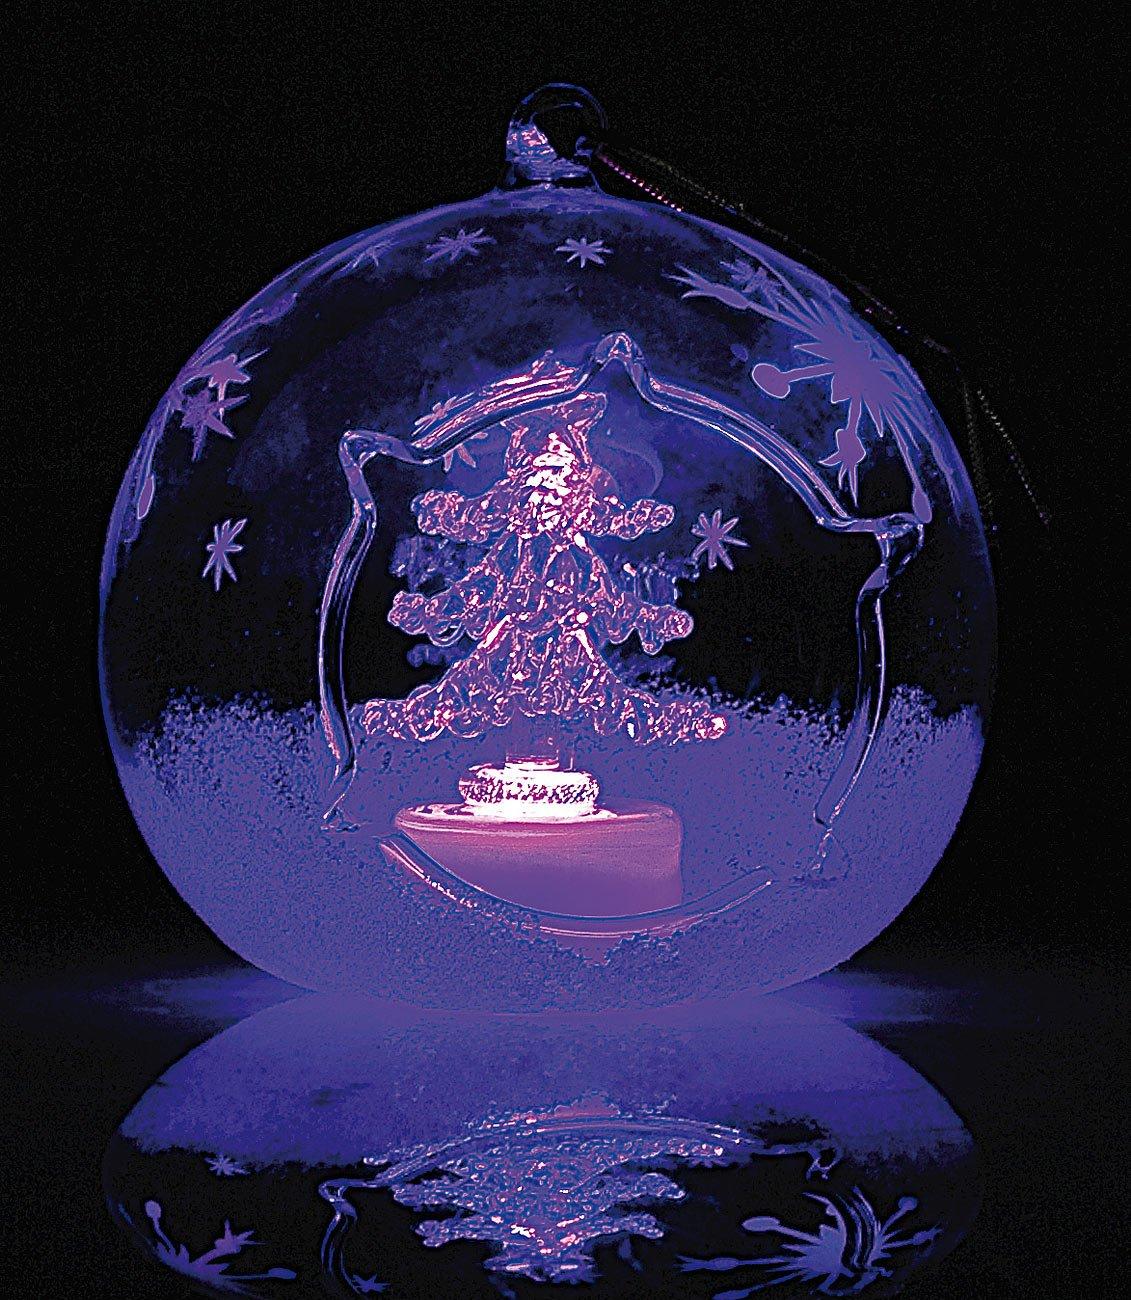 Lunartec-LED-Glaskugel-Mundgeblasene-LED-Glas-Ornamente-in-Kugelform-4er-Set-LED-Kugeln-fr-Weihnachten